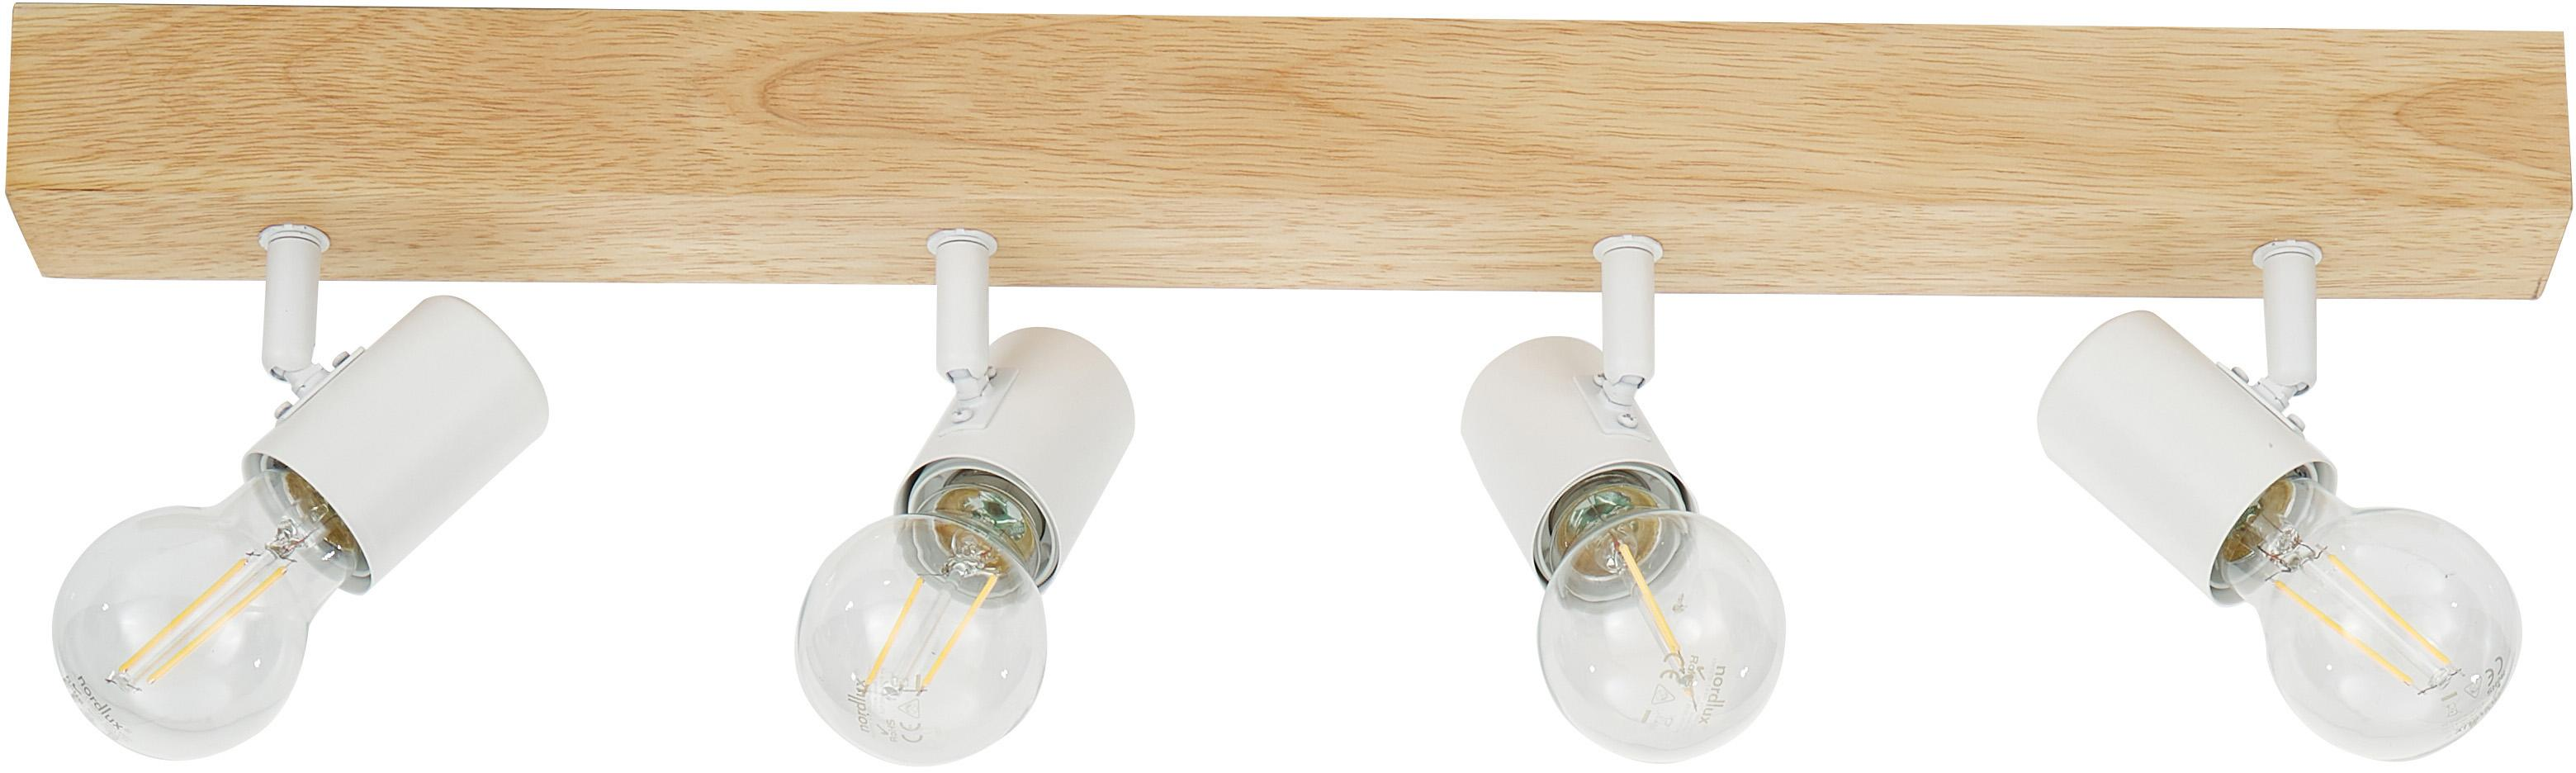 Faretti da soffitto Townshend, Acciaio rivestito, legno, Bianco, legno, Larg. 63 x Alt. 13 cm